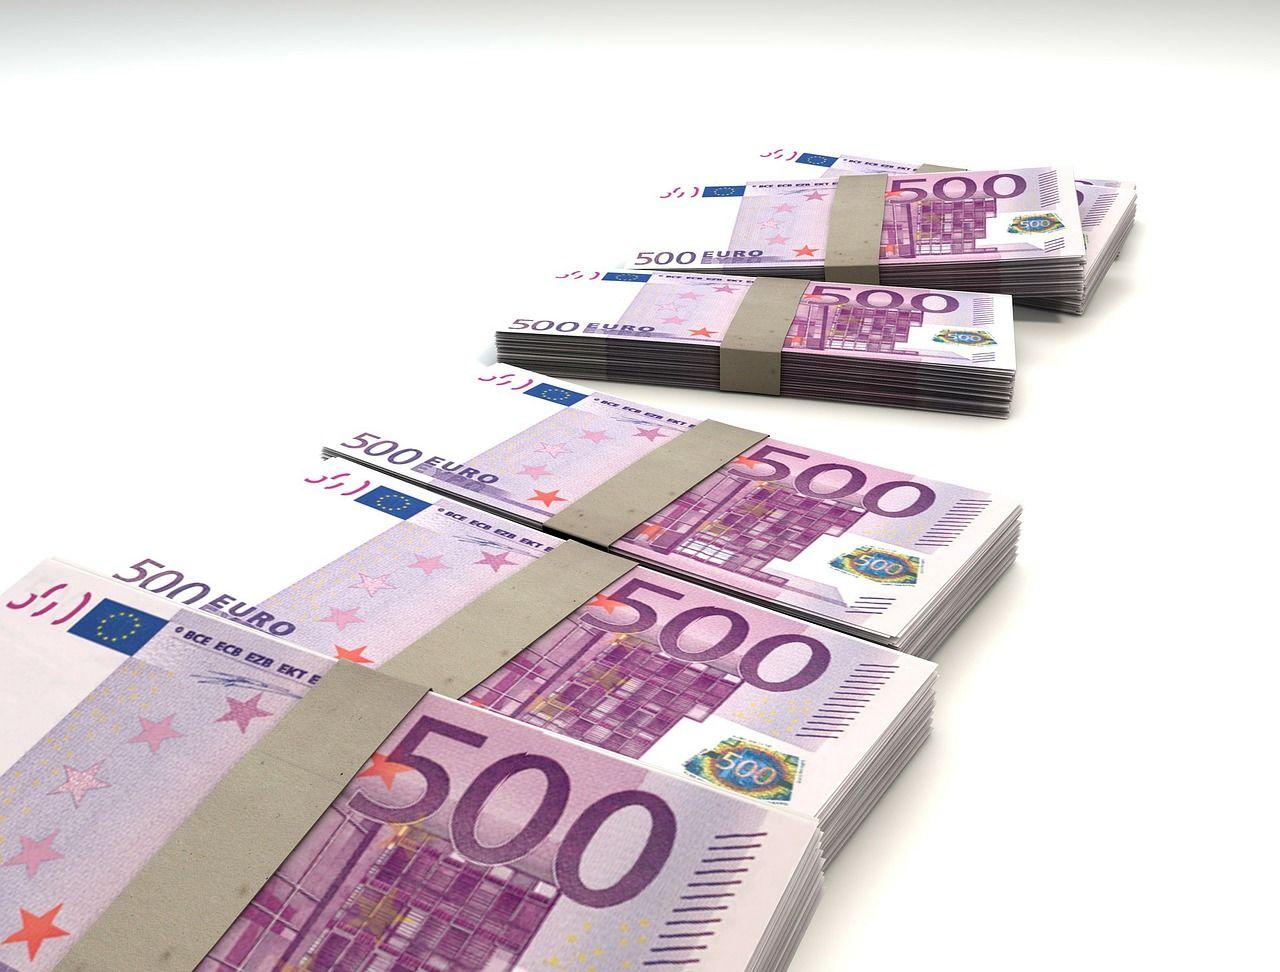 praní špinavých peněz EU